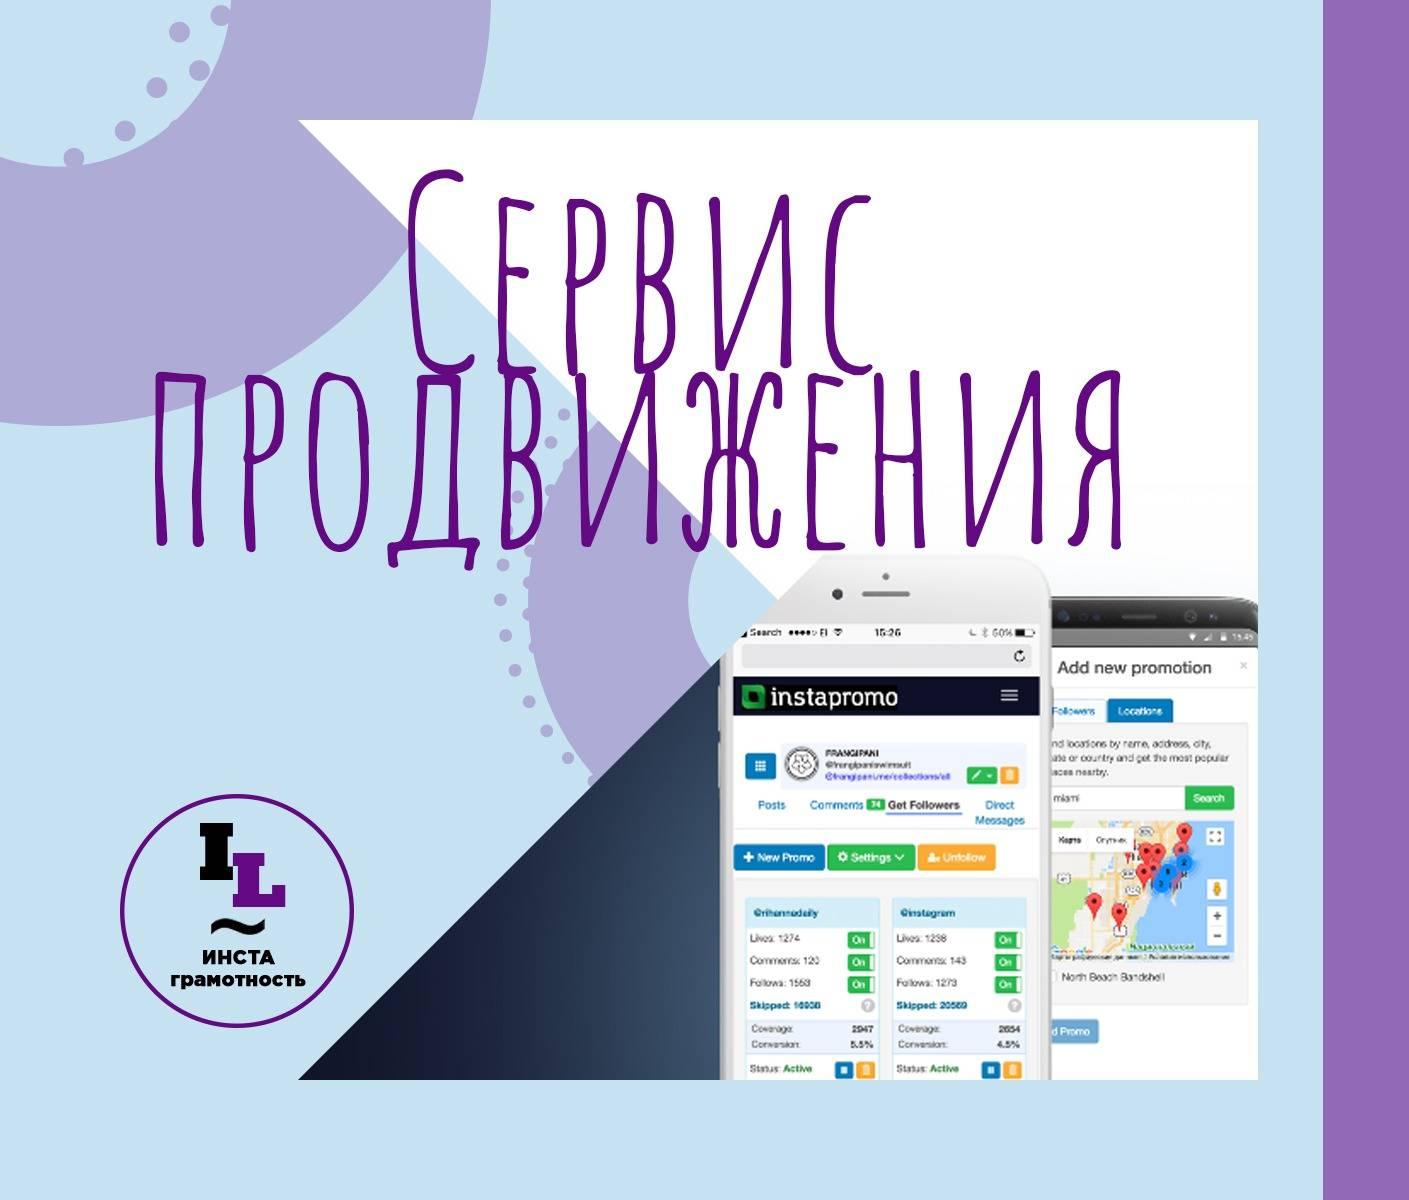 Девять сервисов автоматического продвижения в инстаграм